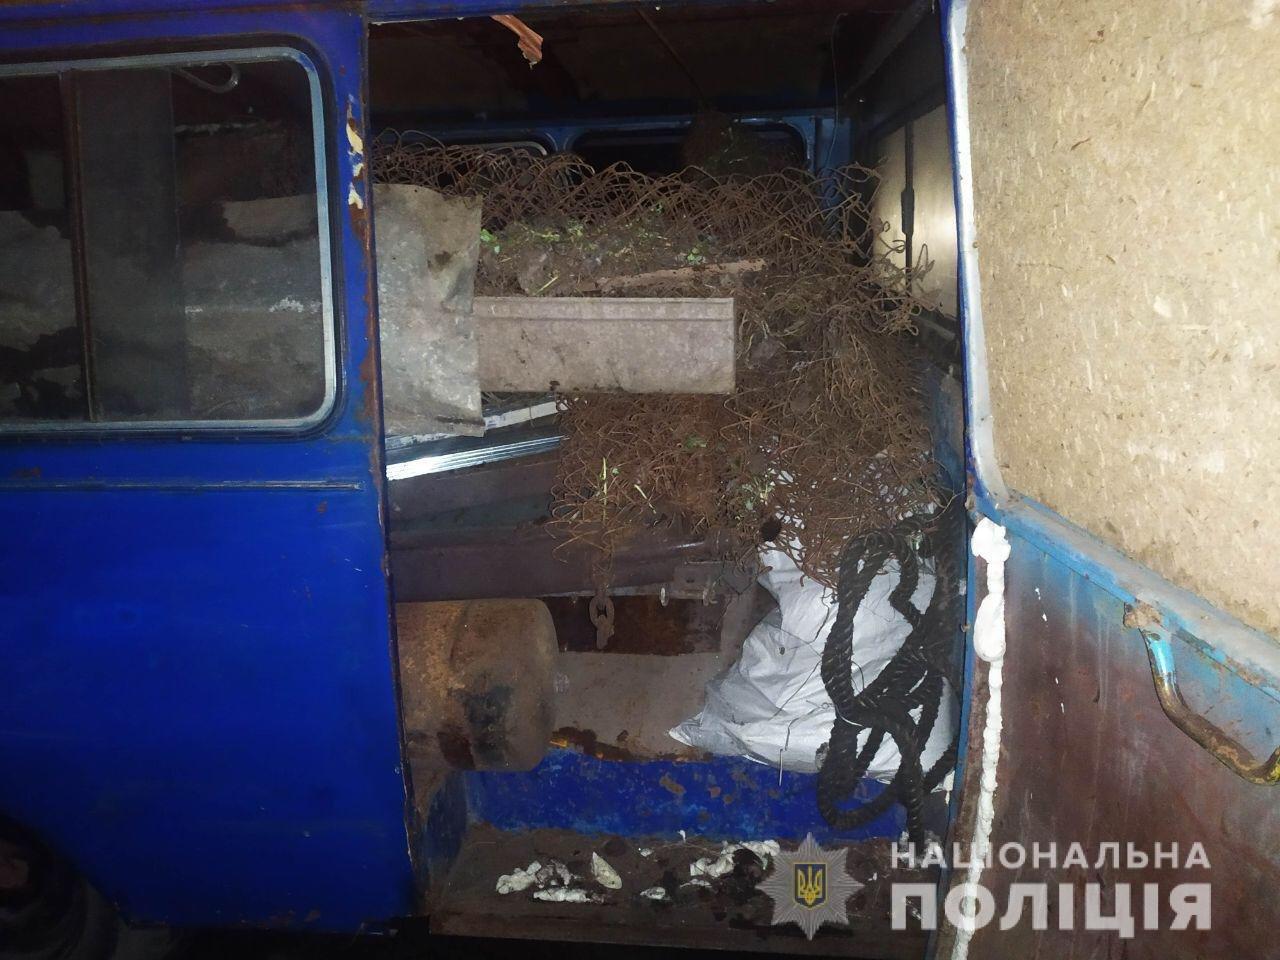 На Днепропетровщине из незаконного пункта приема изъяли более 2 тонн металлолома, - ФОТО, фото-1